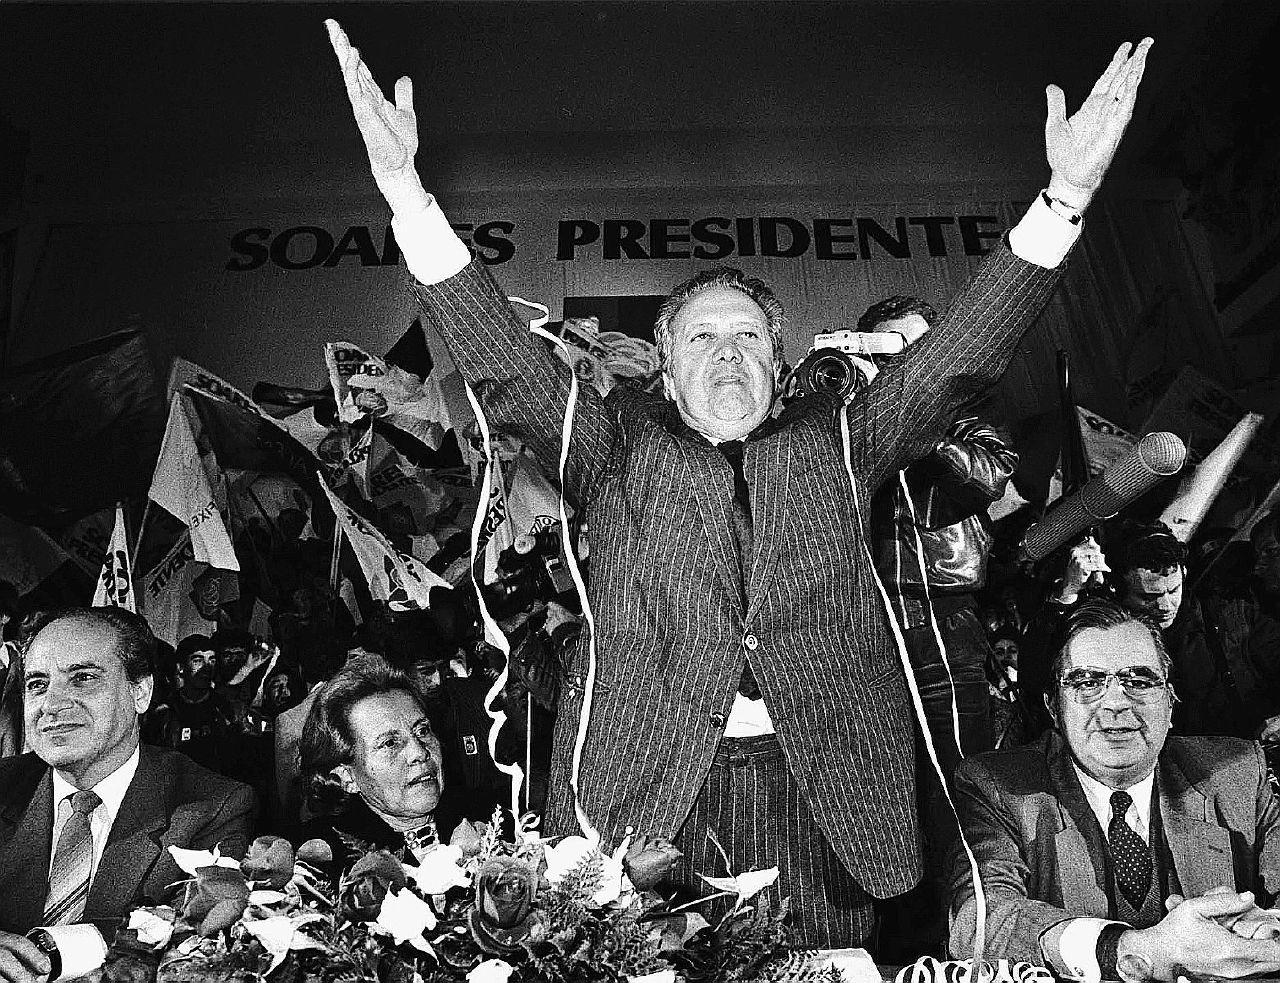 Soares, quando Lisbona dava lezioni di democrazia